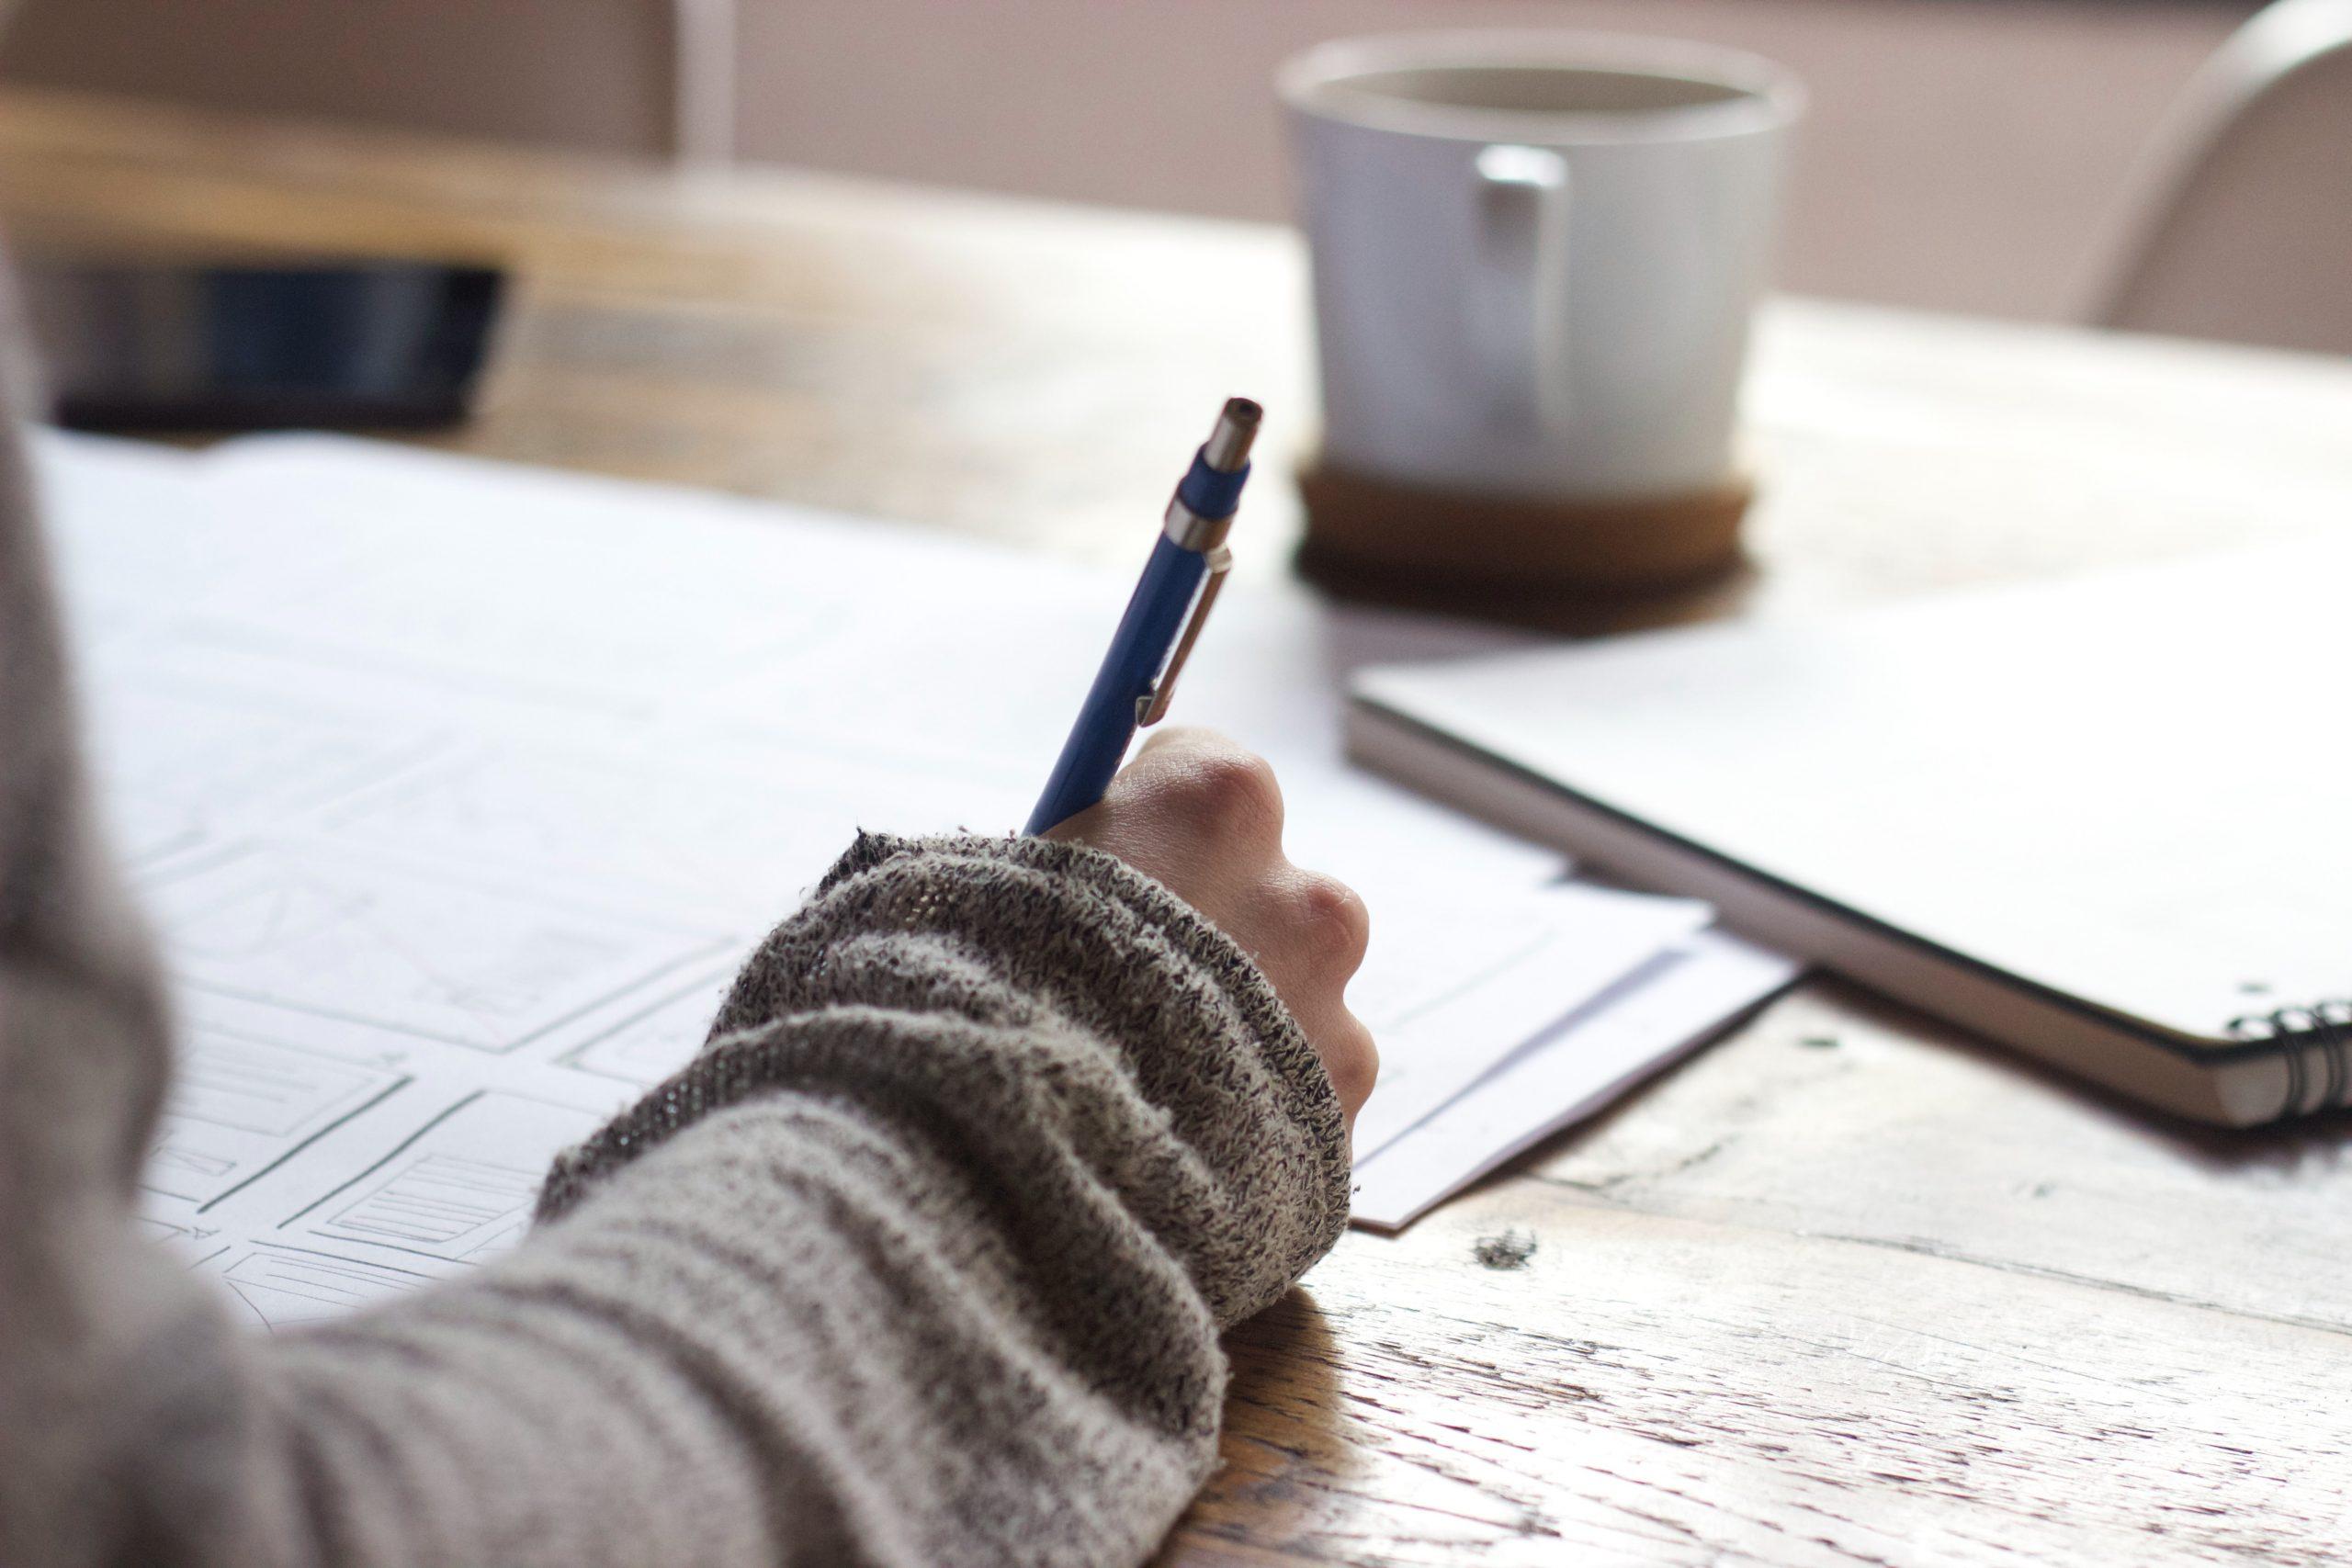 איש ממלא מסמכים על שולחן כתיבה